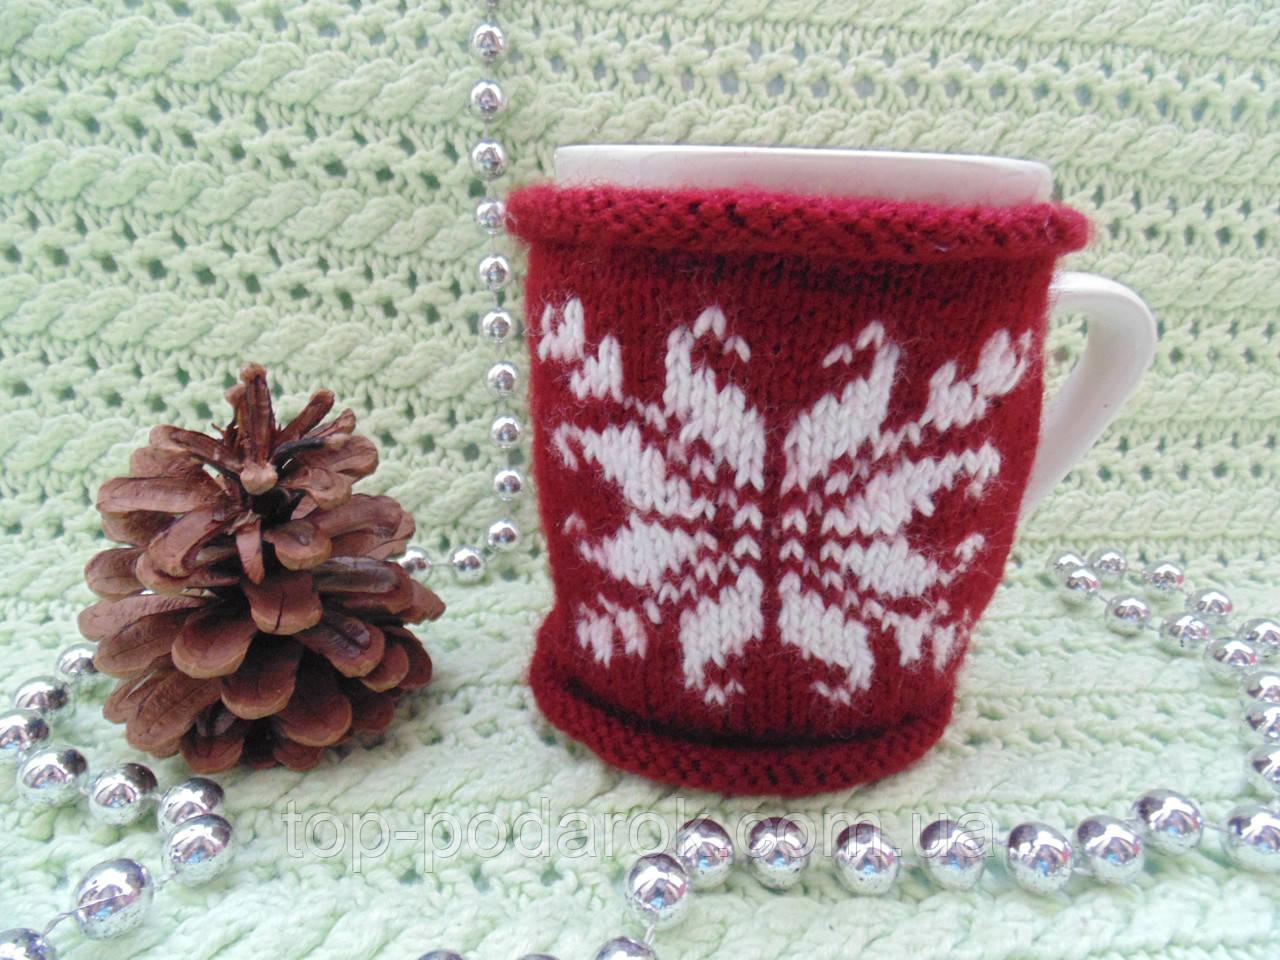 Новогоднее украшение чашки,грелка для чашки,вязанное украшение чашки